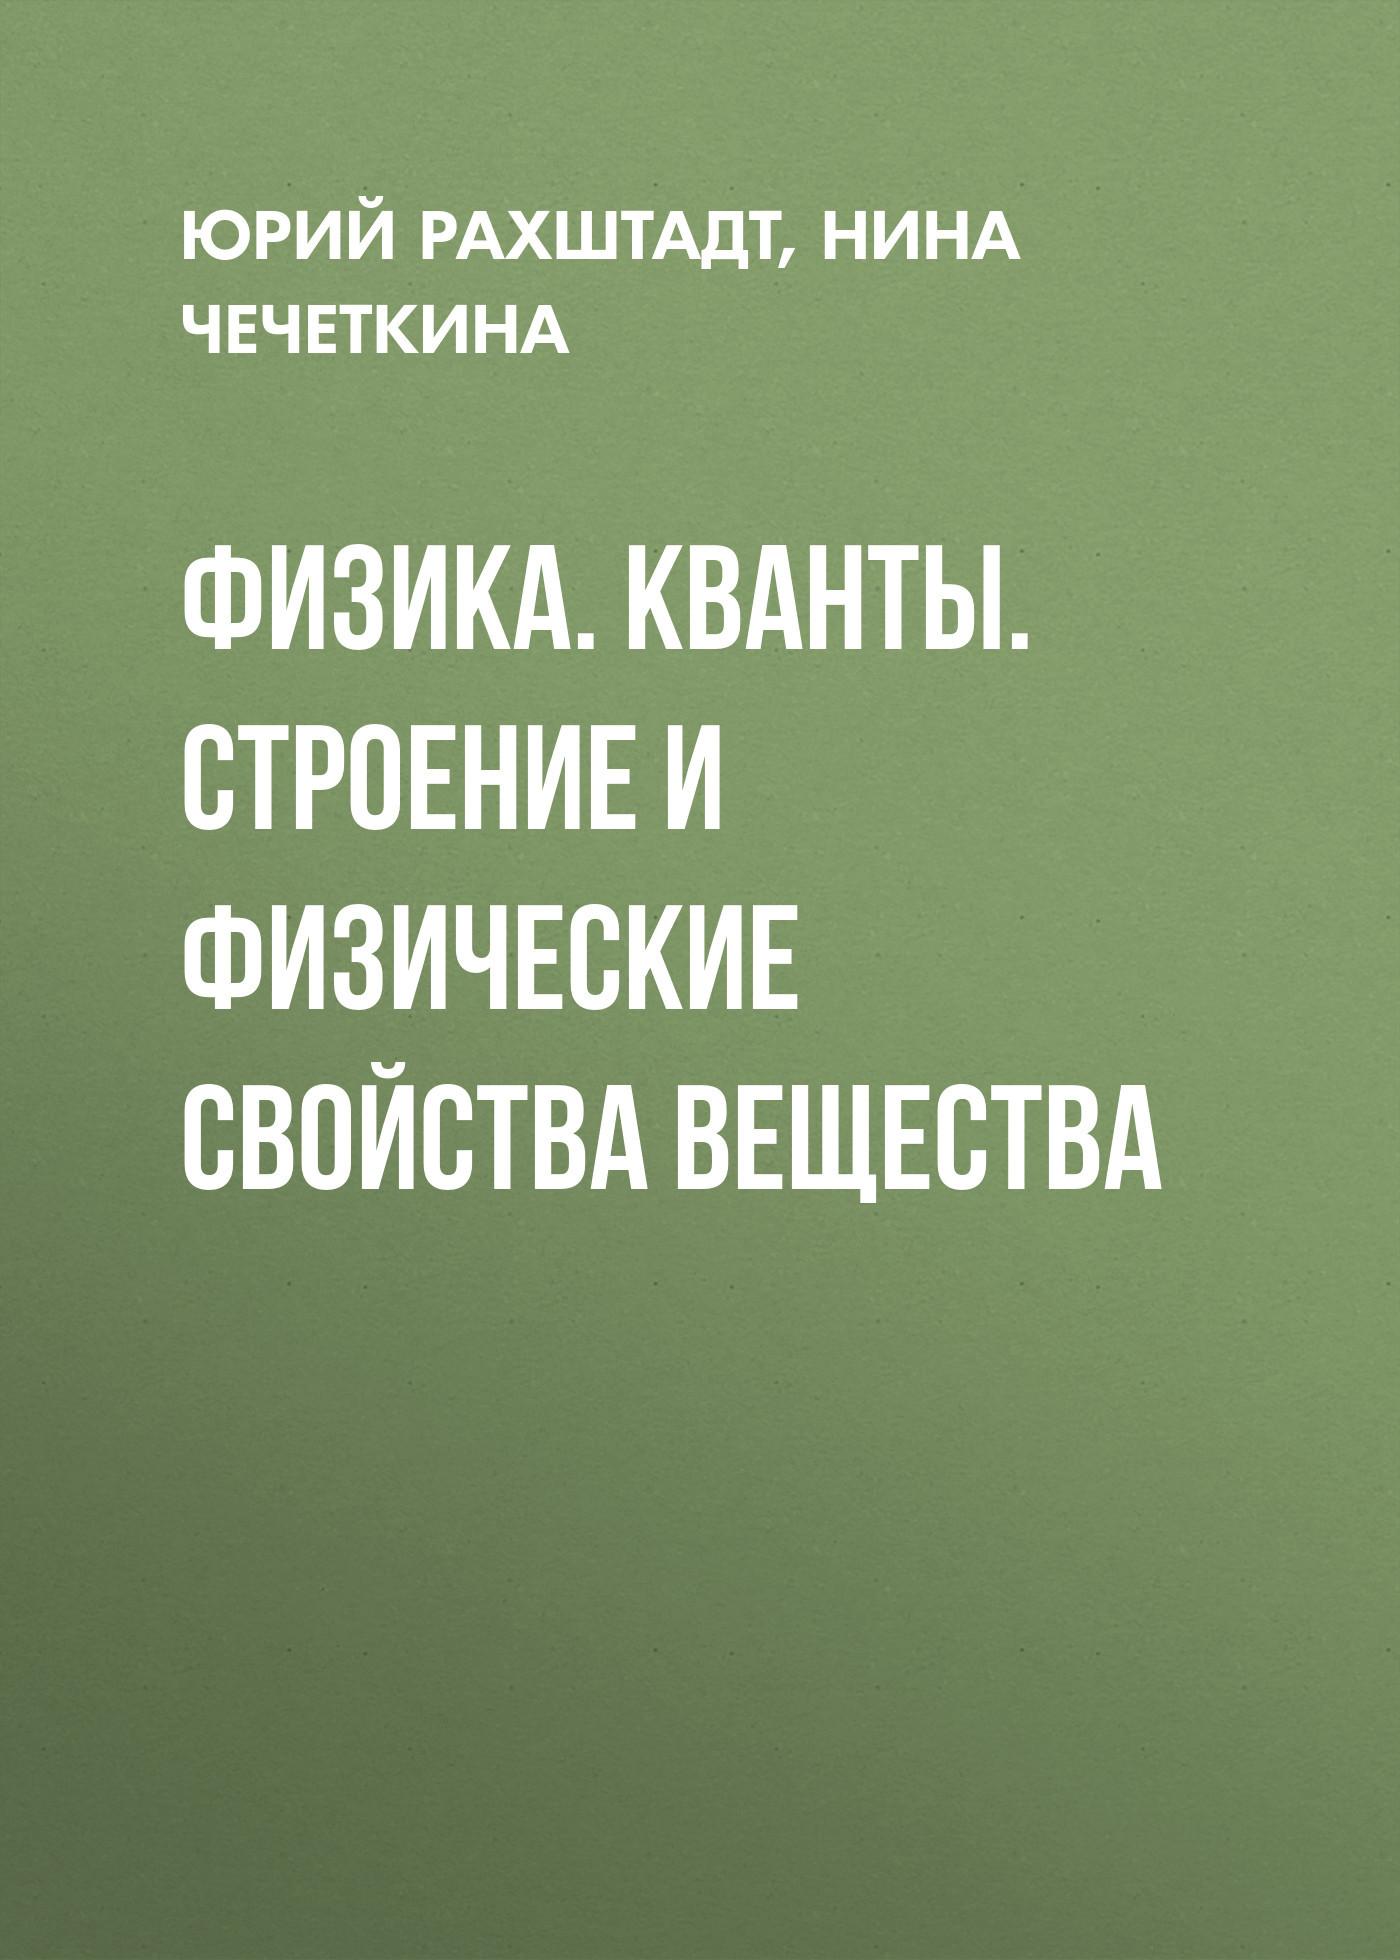 Юрий Рахштадт бесплатно